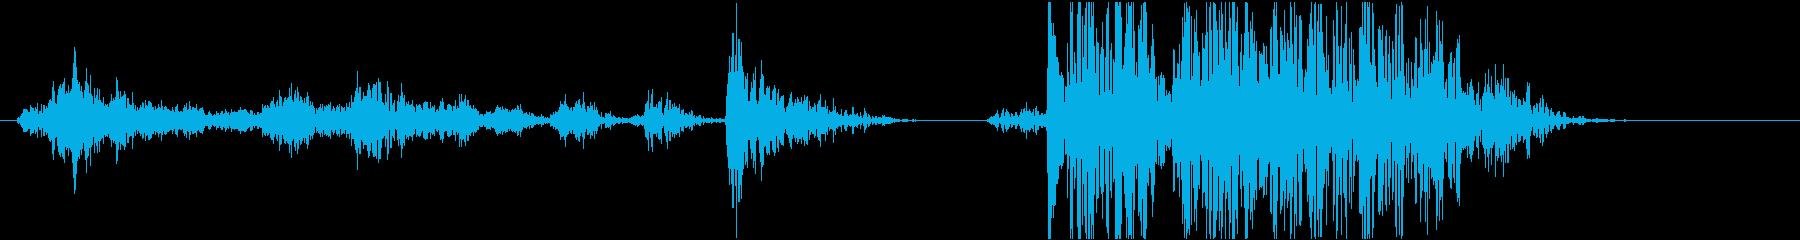 キーーバタン(扉の閉める音)の再生済みの波形